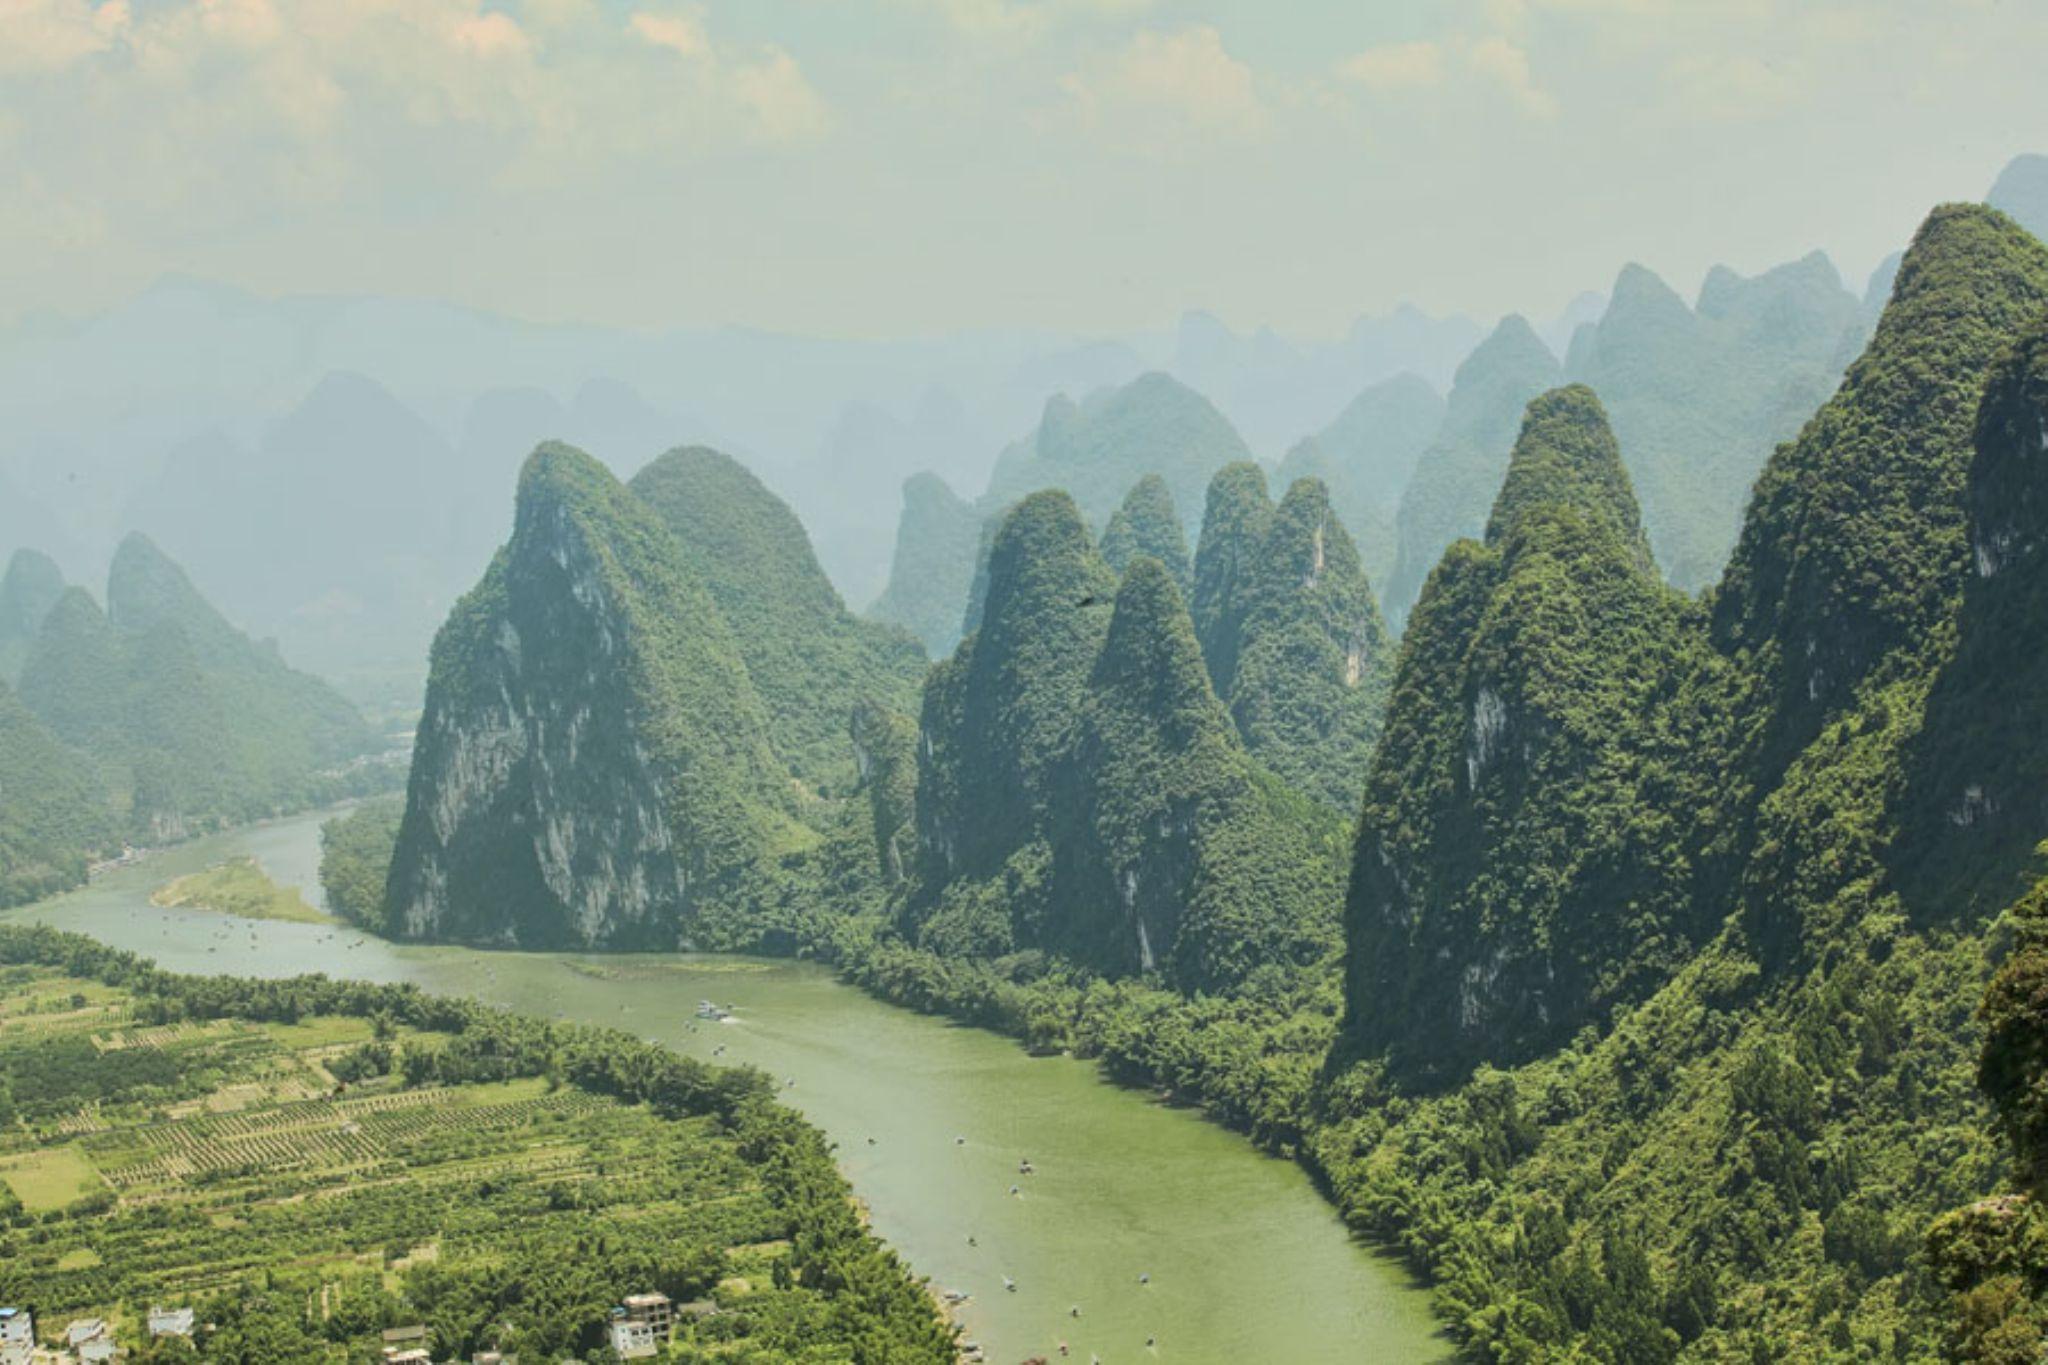 Yao San Hill by muhasrul